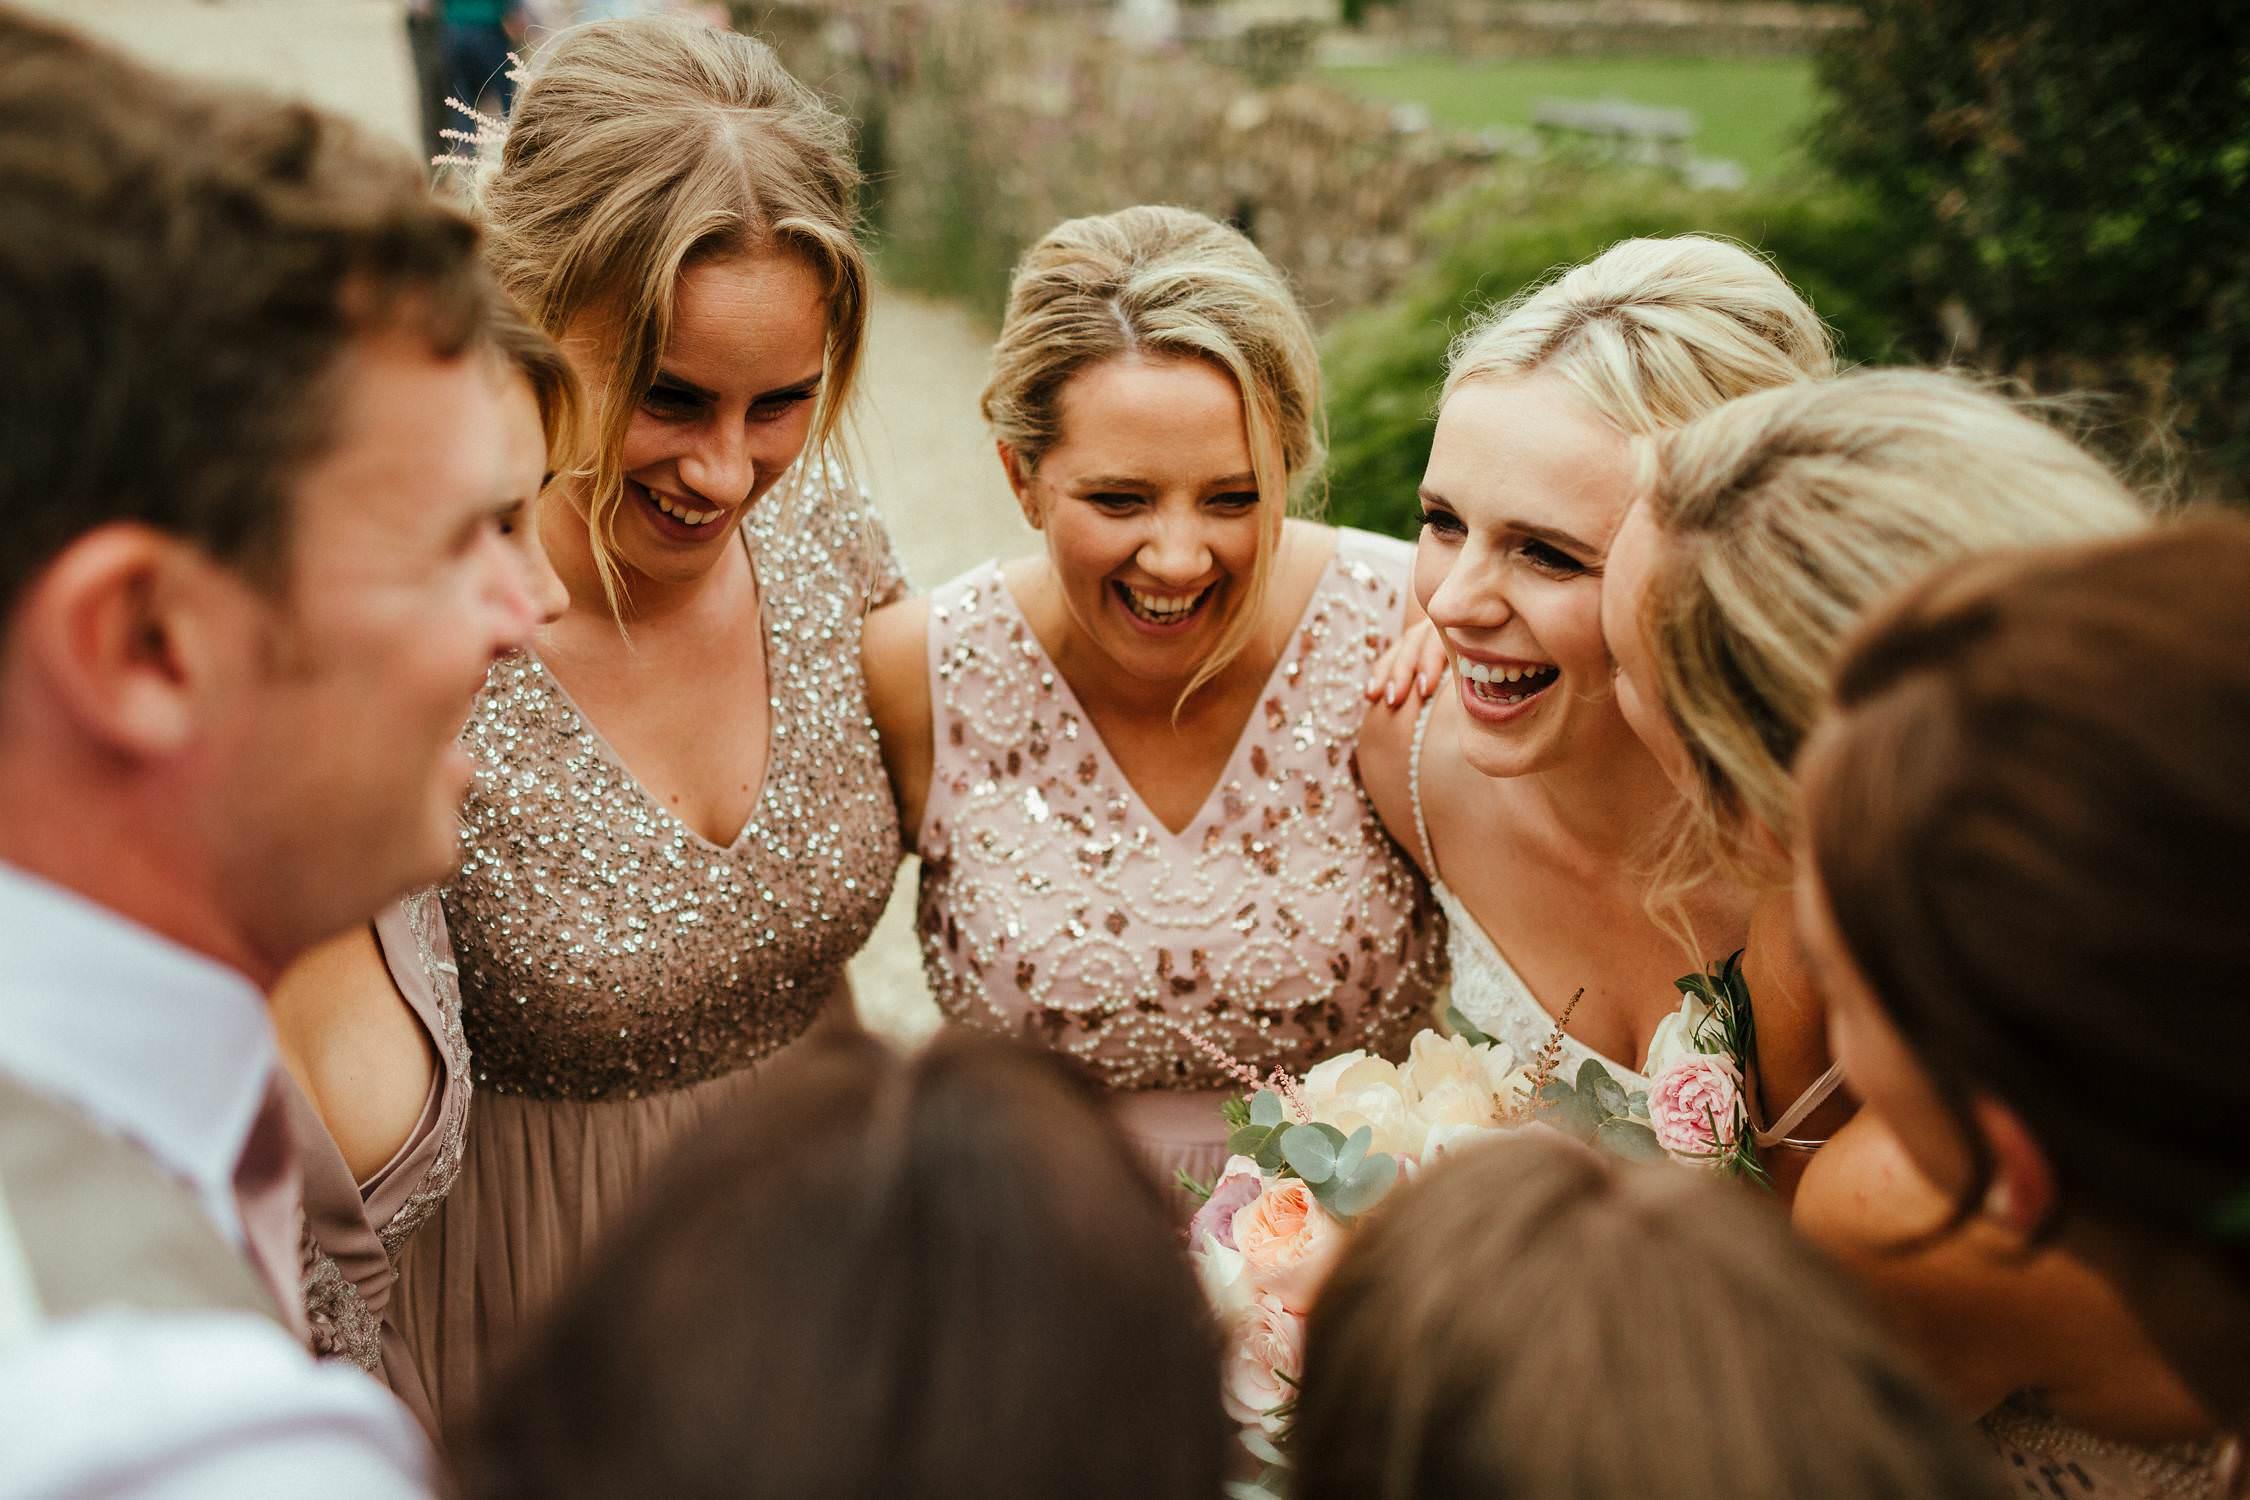 Buckinghamshire-Wedding-Photography-131